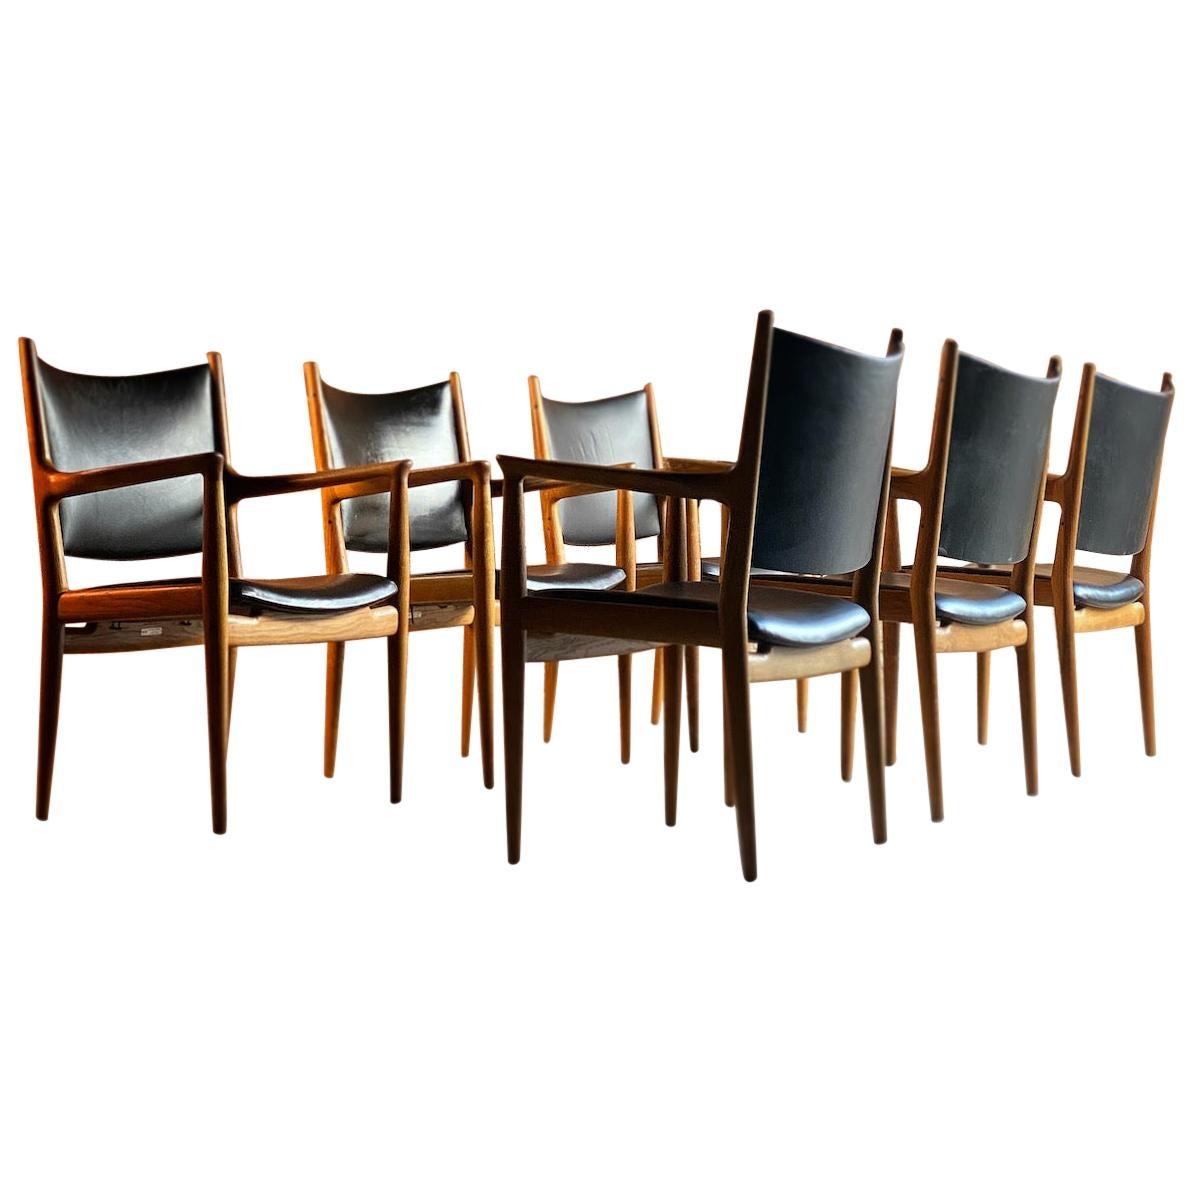 Hans Wegner JH713 Conference Lounge Chair Johannes Hansen, Denmark, 1957